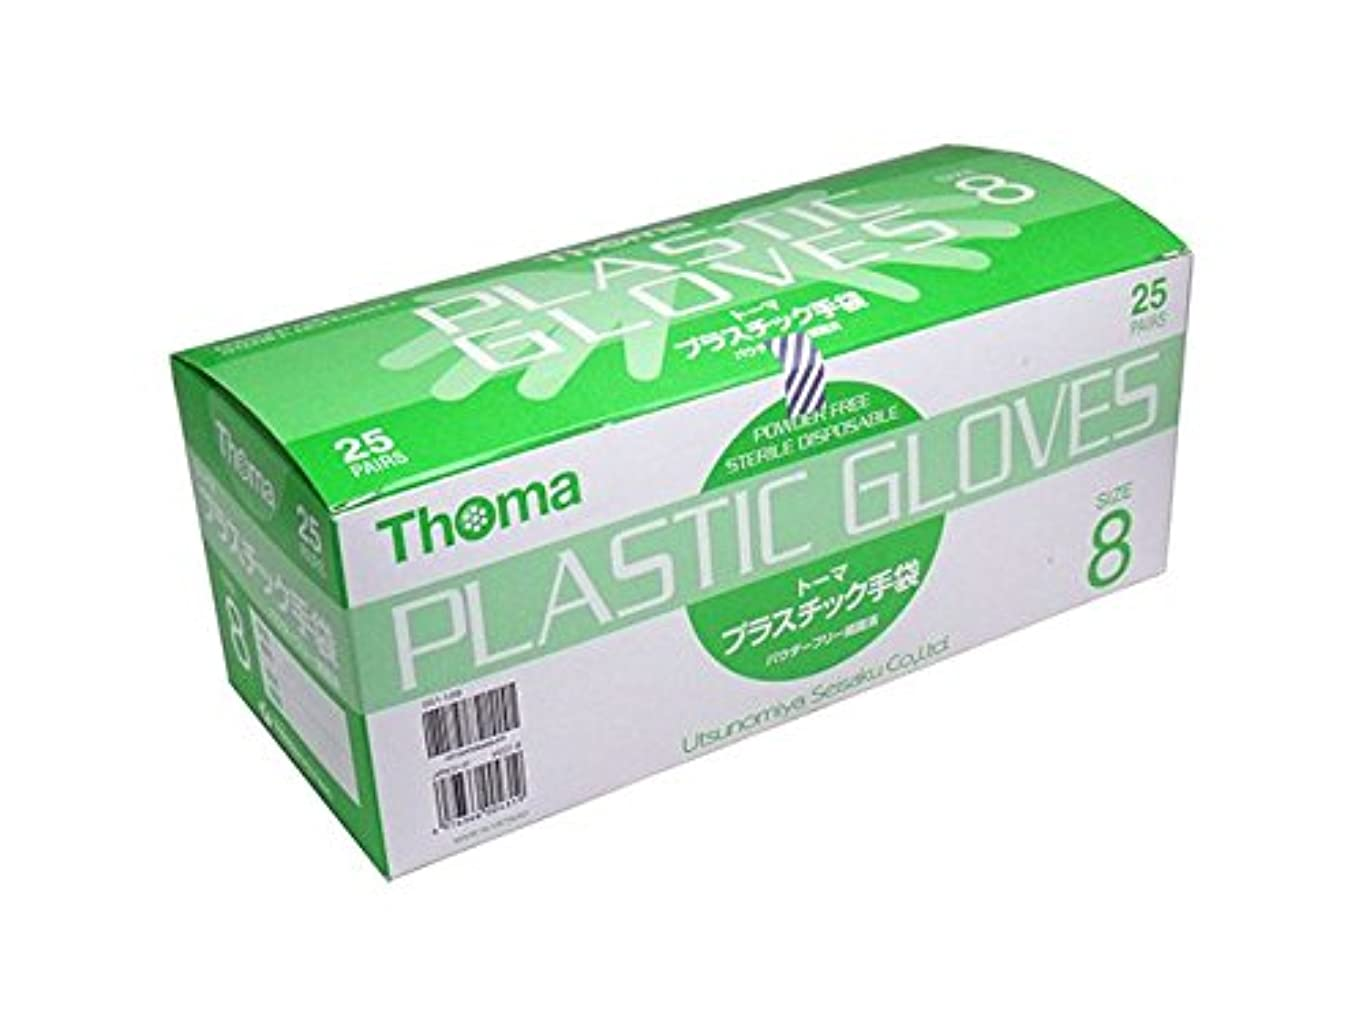 反発する遺伝的シェトランド諸島使い捨て手袋【宇都宮 トーマ プラスチック手袋 粉無 滅菌済※サイズ8】25双入X10箱